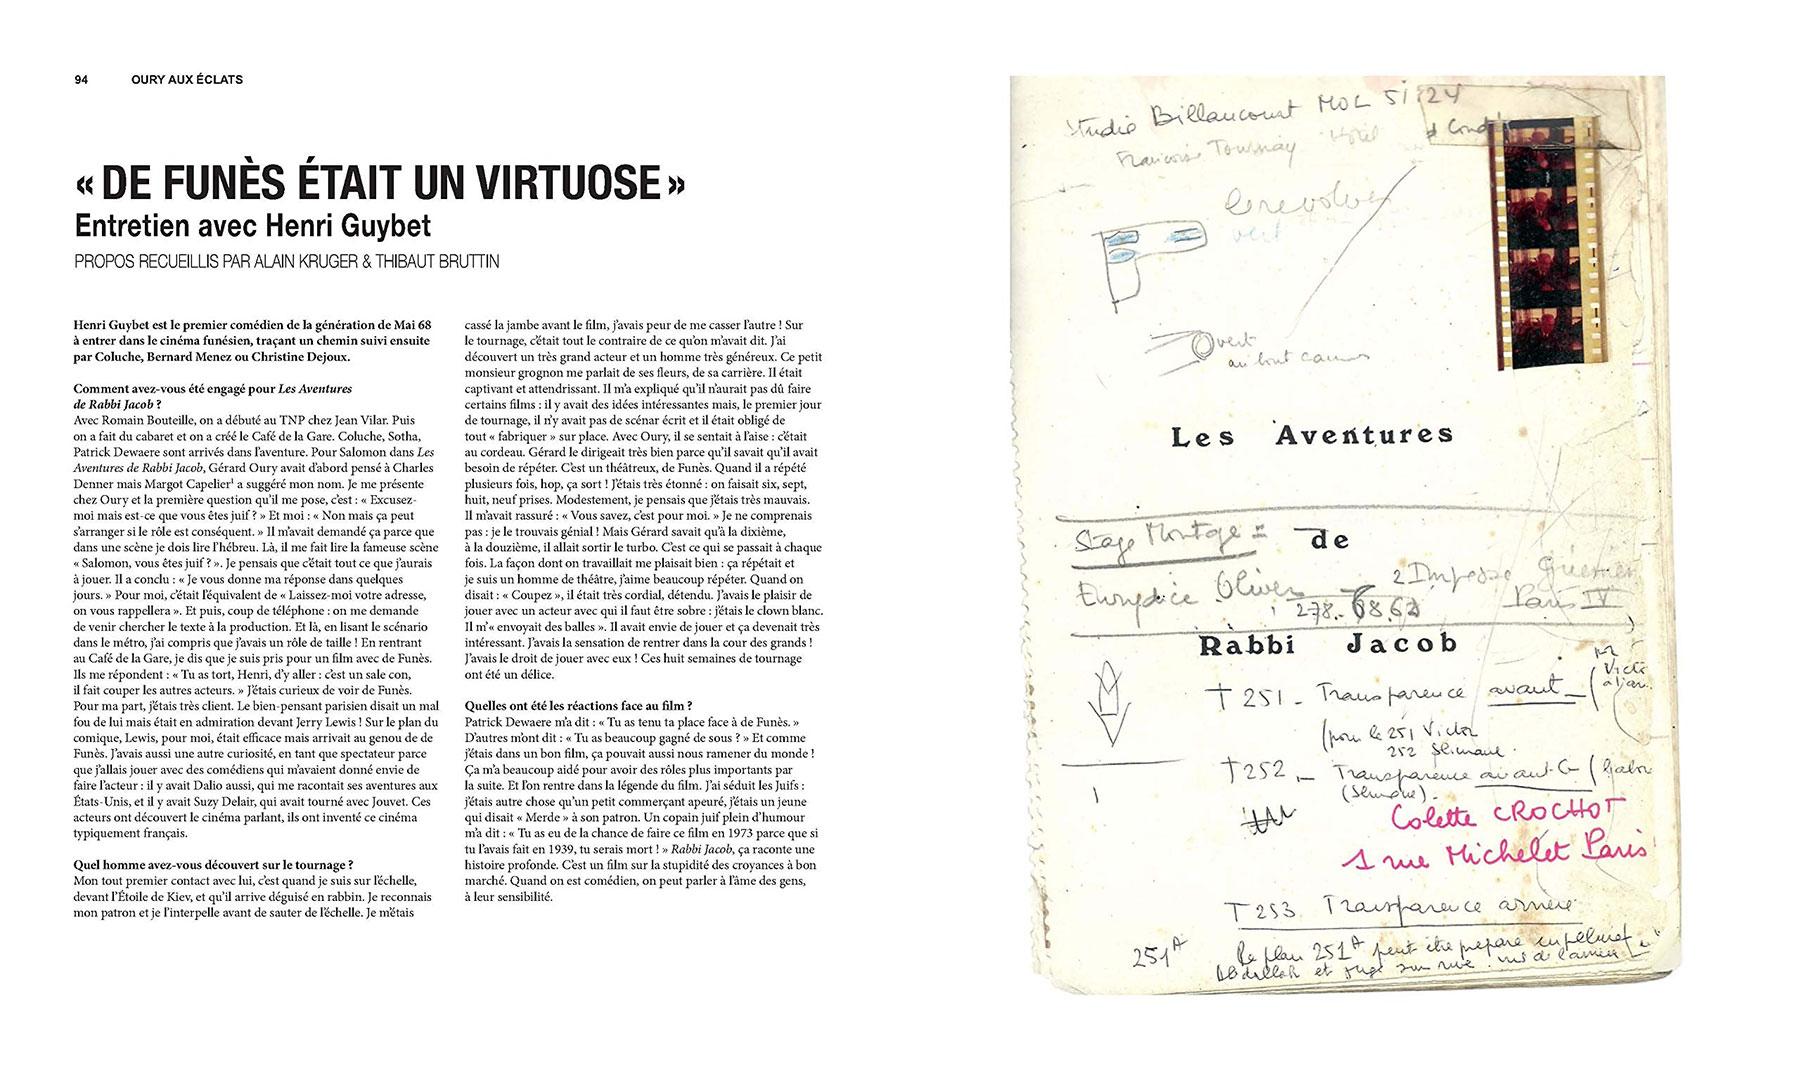 Louis de Funès, à la folie - sous la direction d'Alain Kruger (La Cinémathèque française/Éditions de La Martinière) - pages 94-95